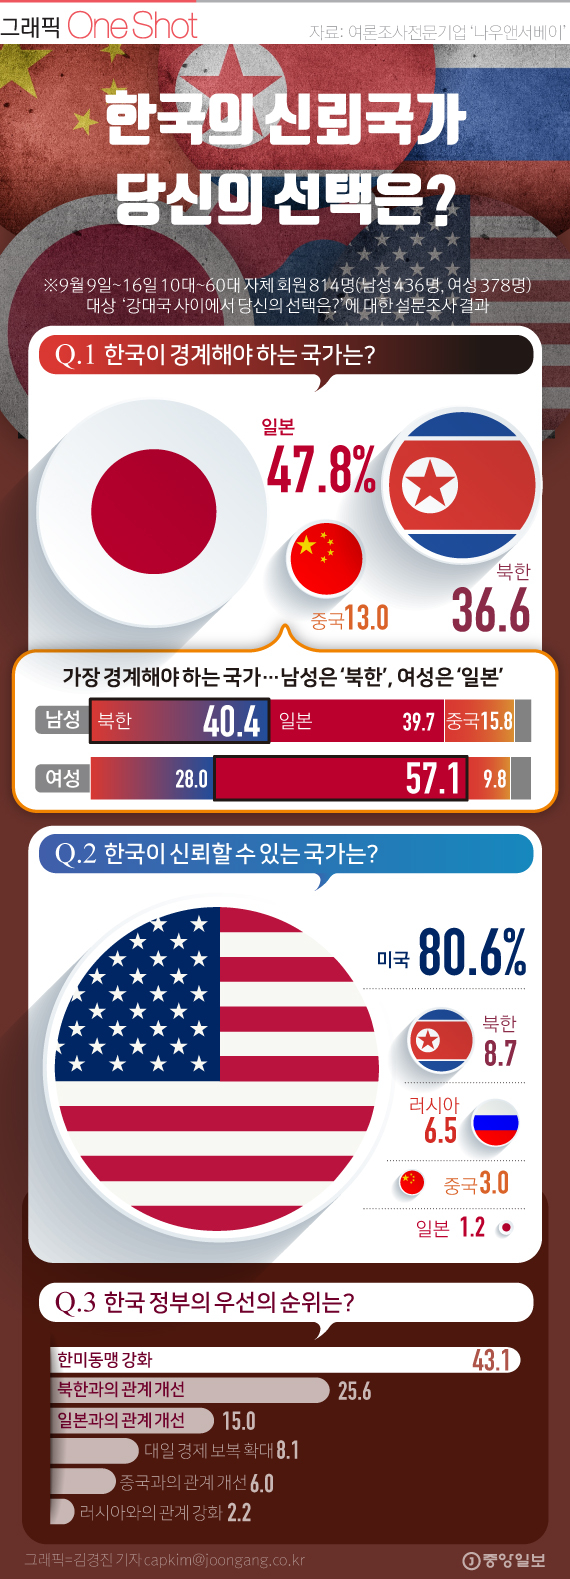 한국의 경계국, 신뢰국...당신의 샨택은